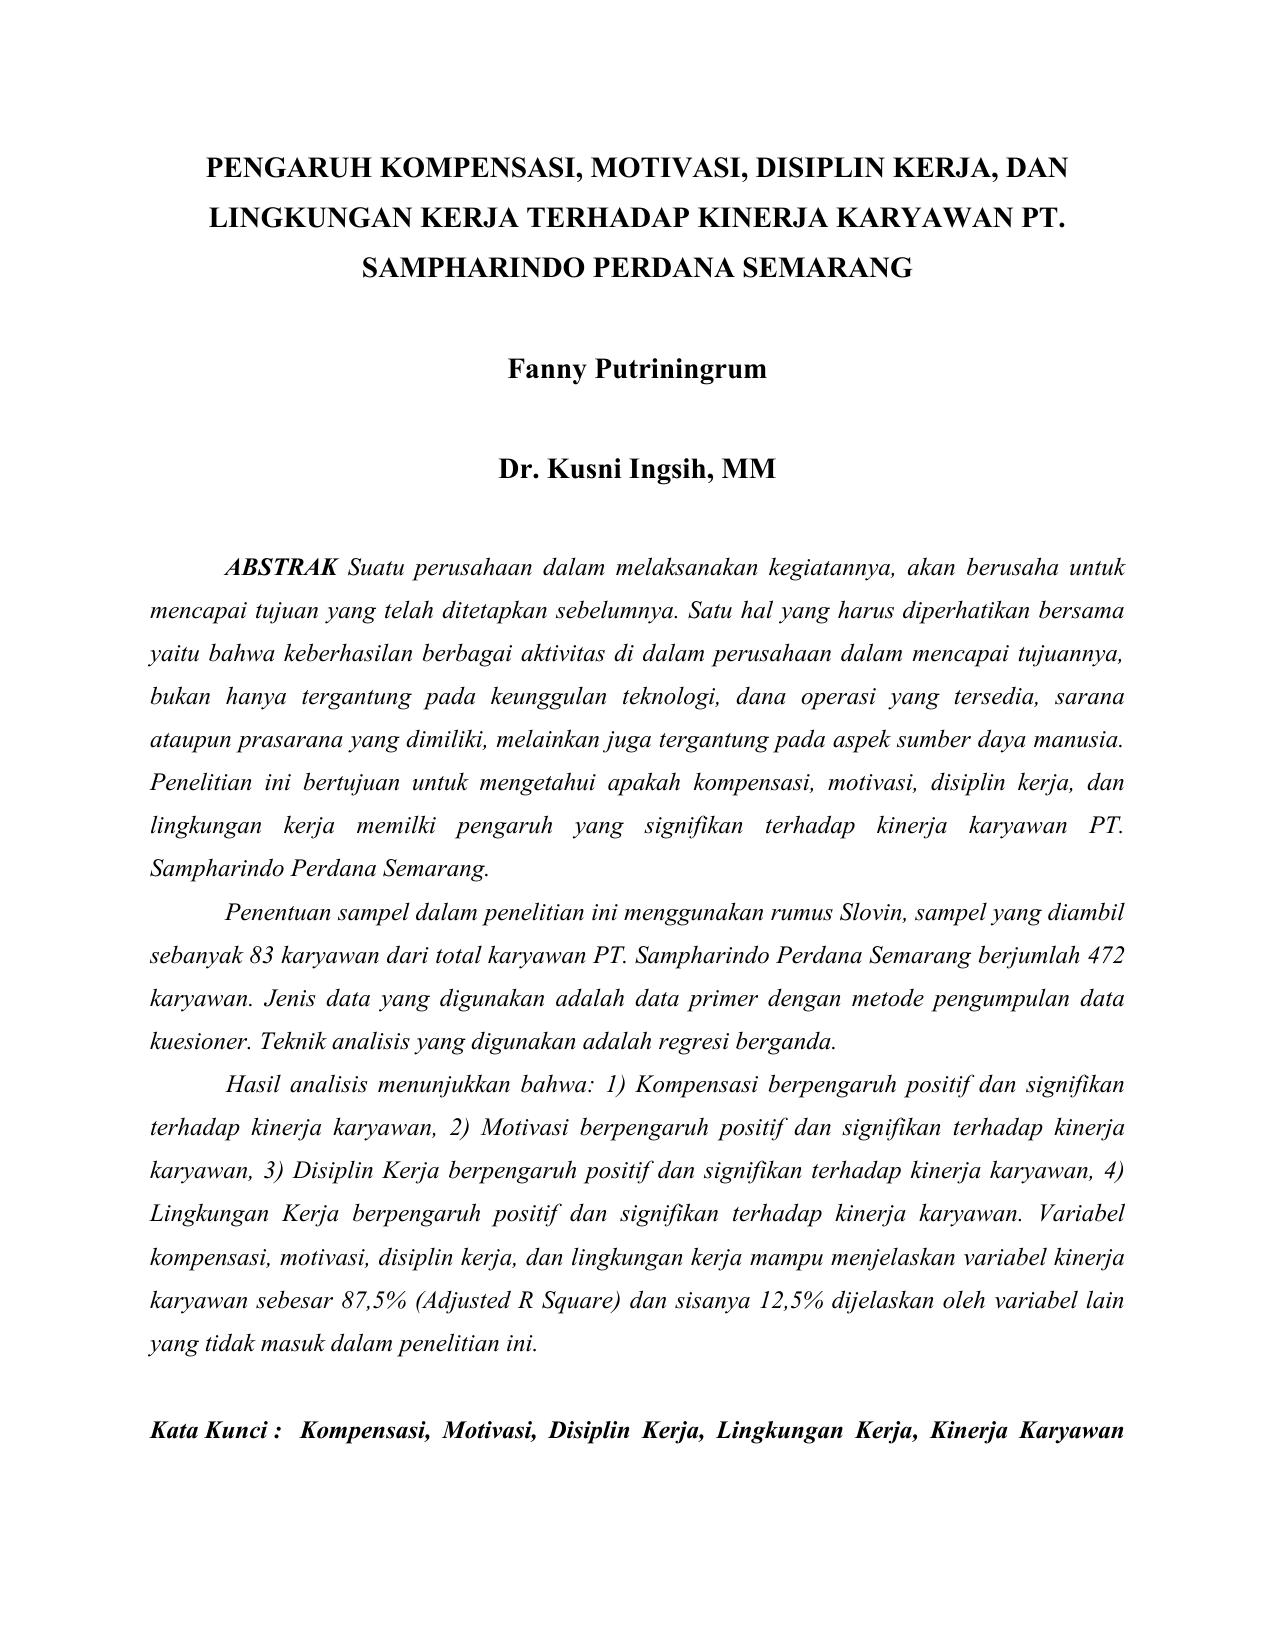 Pengaruh Kompensasi Motivasi Disiplin Kerja Dan Lingkungan Kerja